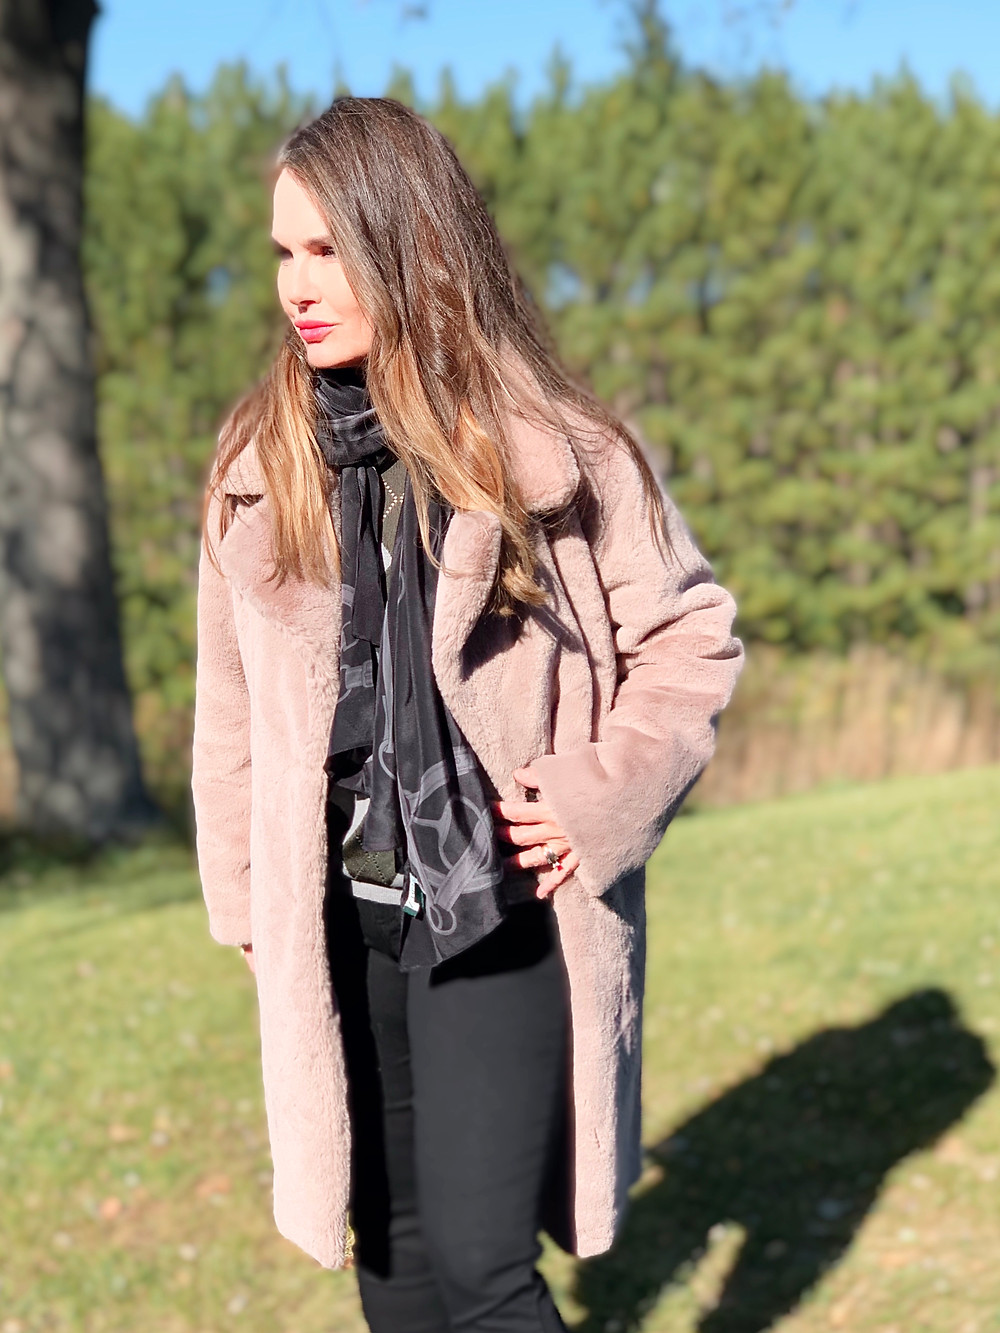 The Backyard Model in a faux fur coat from Amazon.